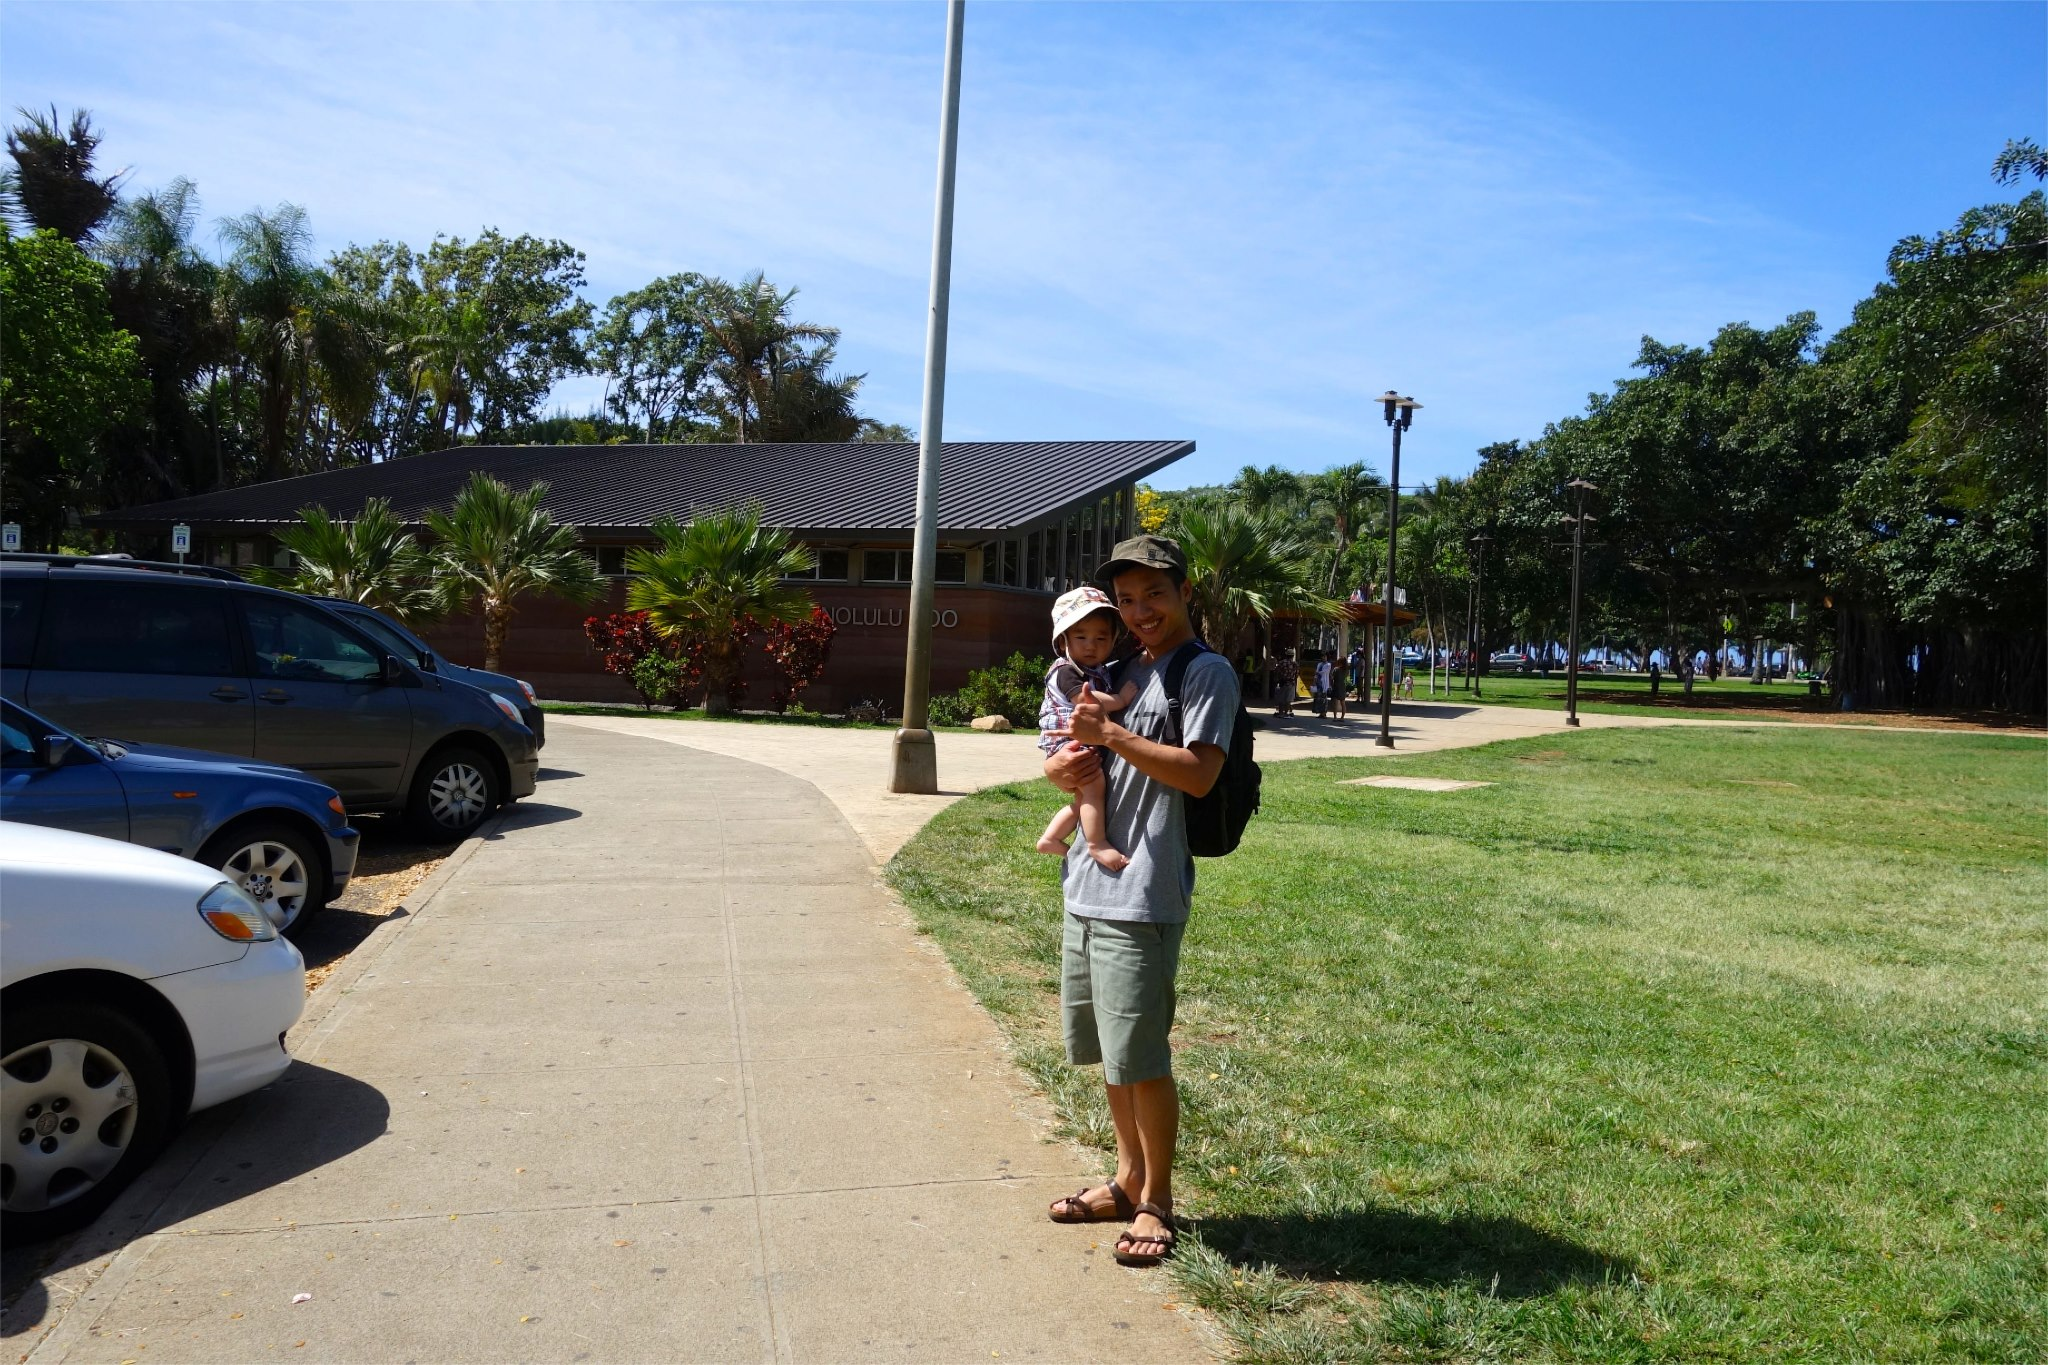 最低賃金の沖縄で新卒無職を救ったのは副業アフィリエイトのスキルだった